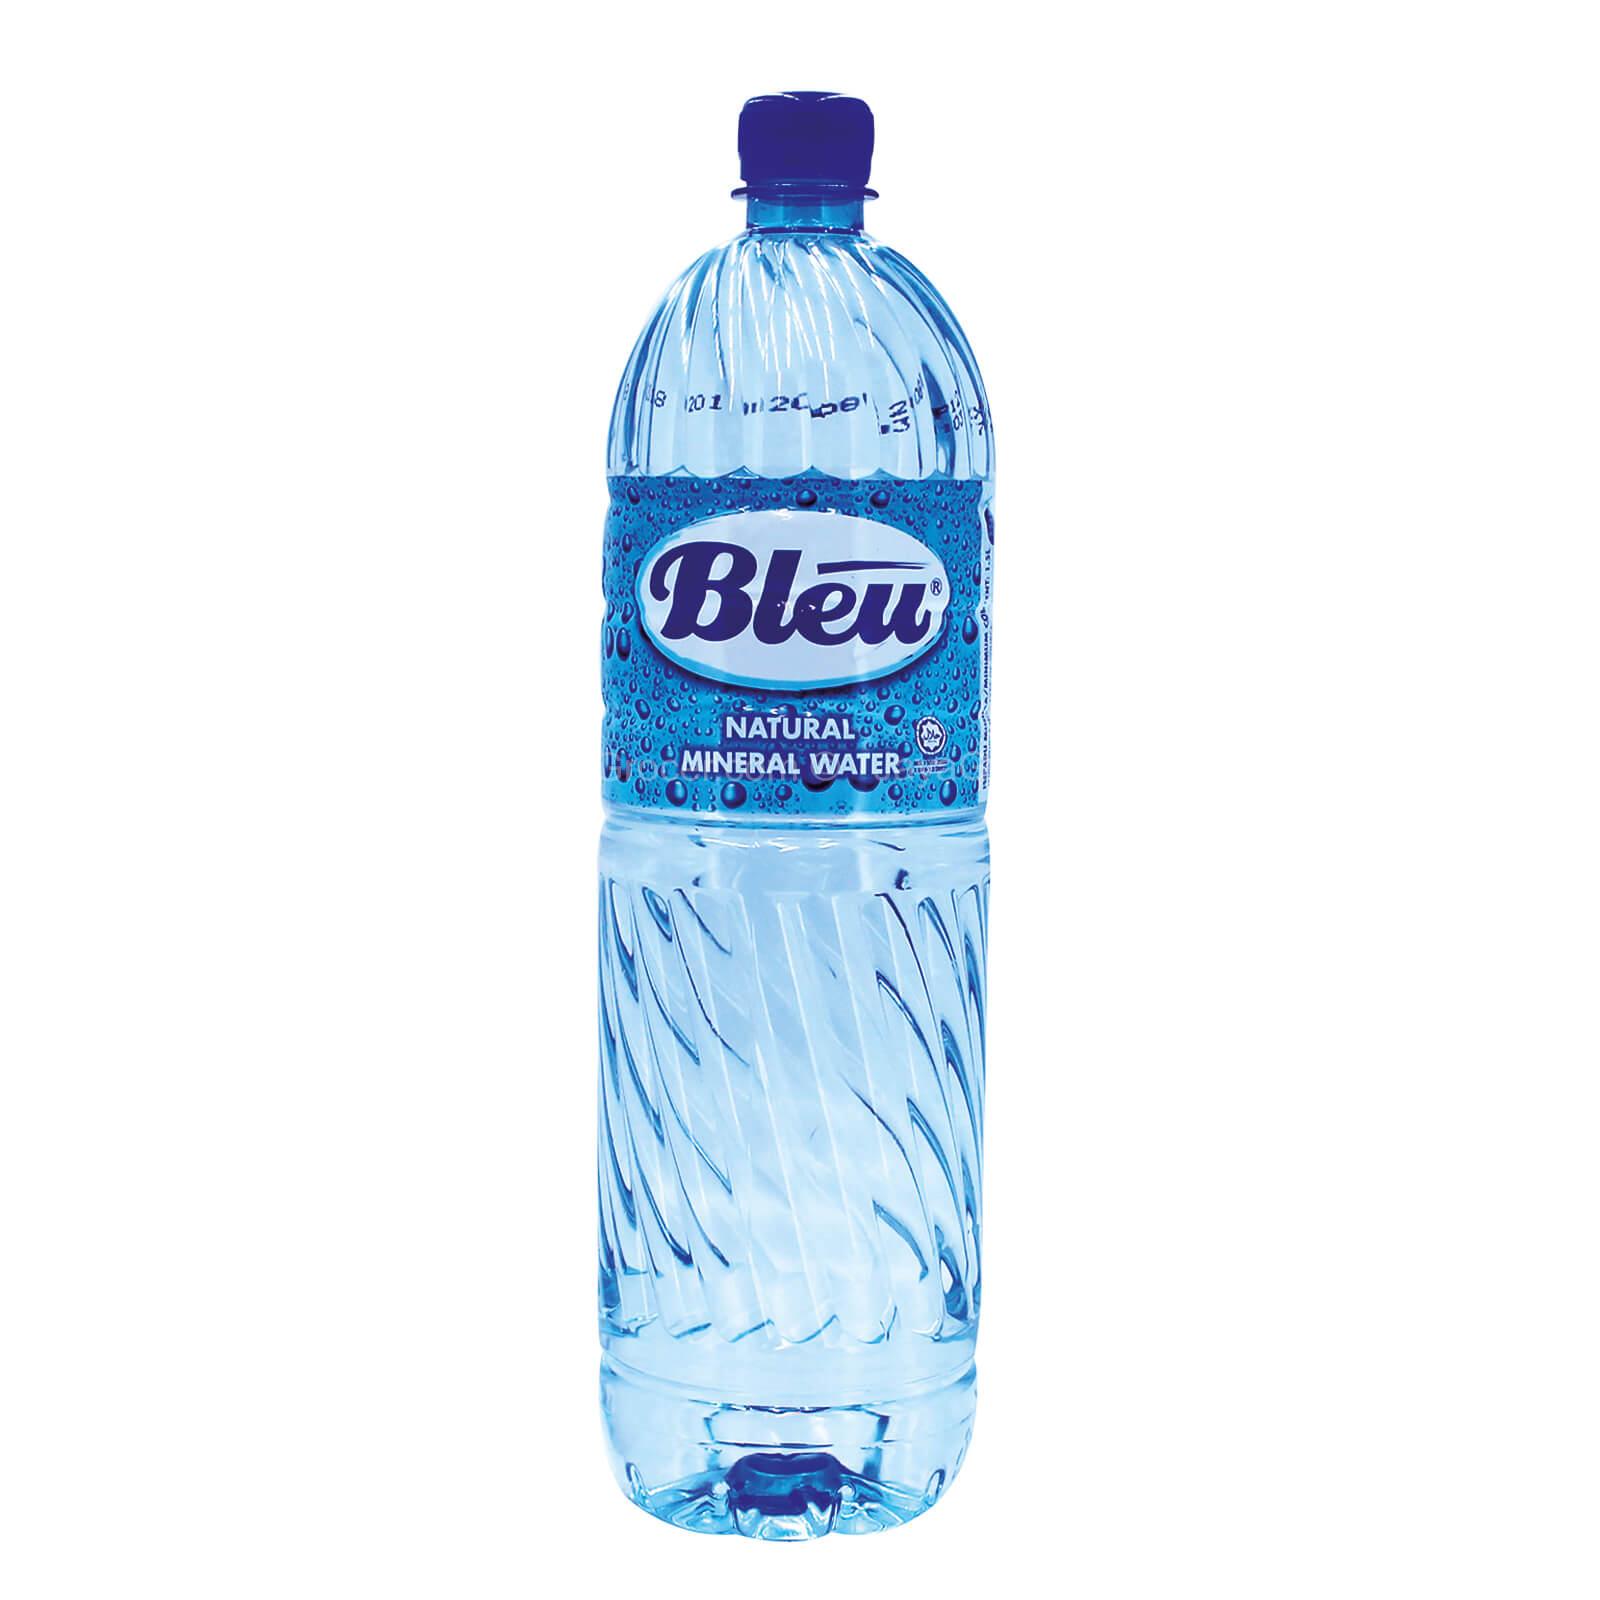 Blu mineral water